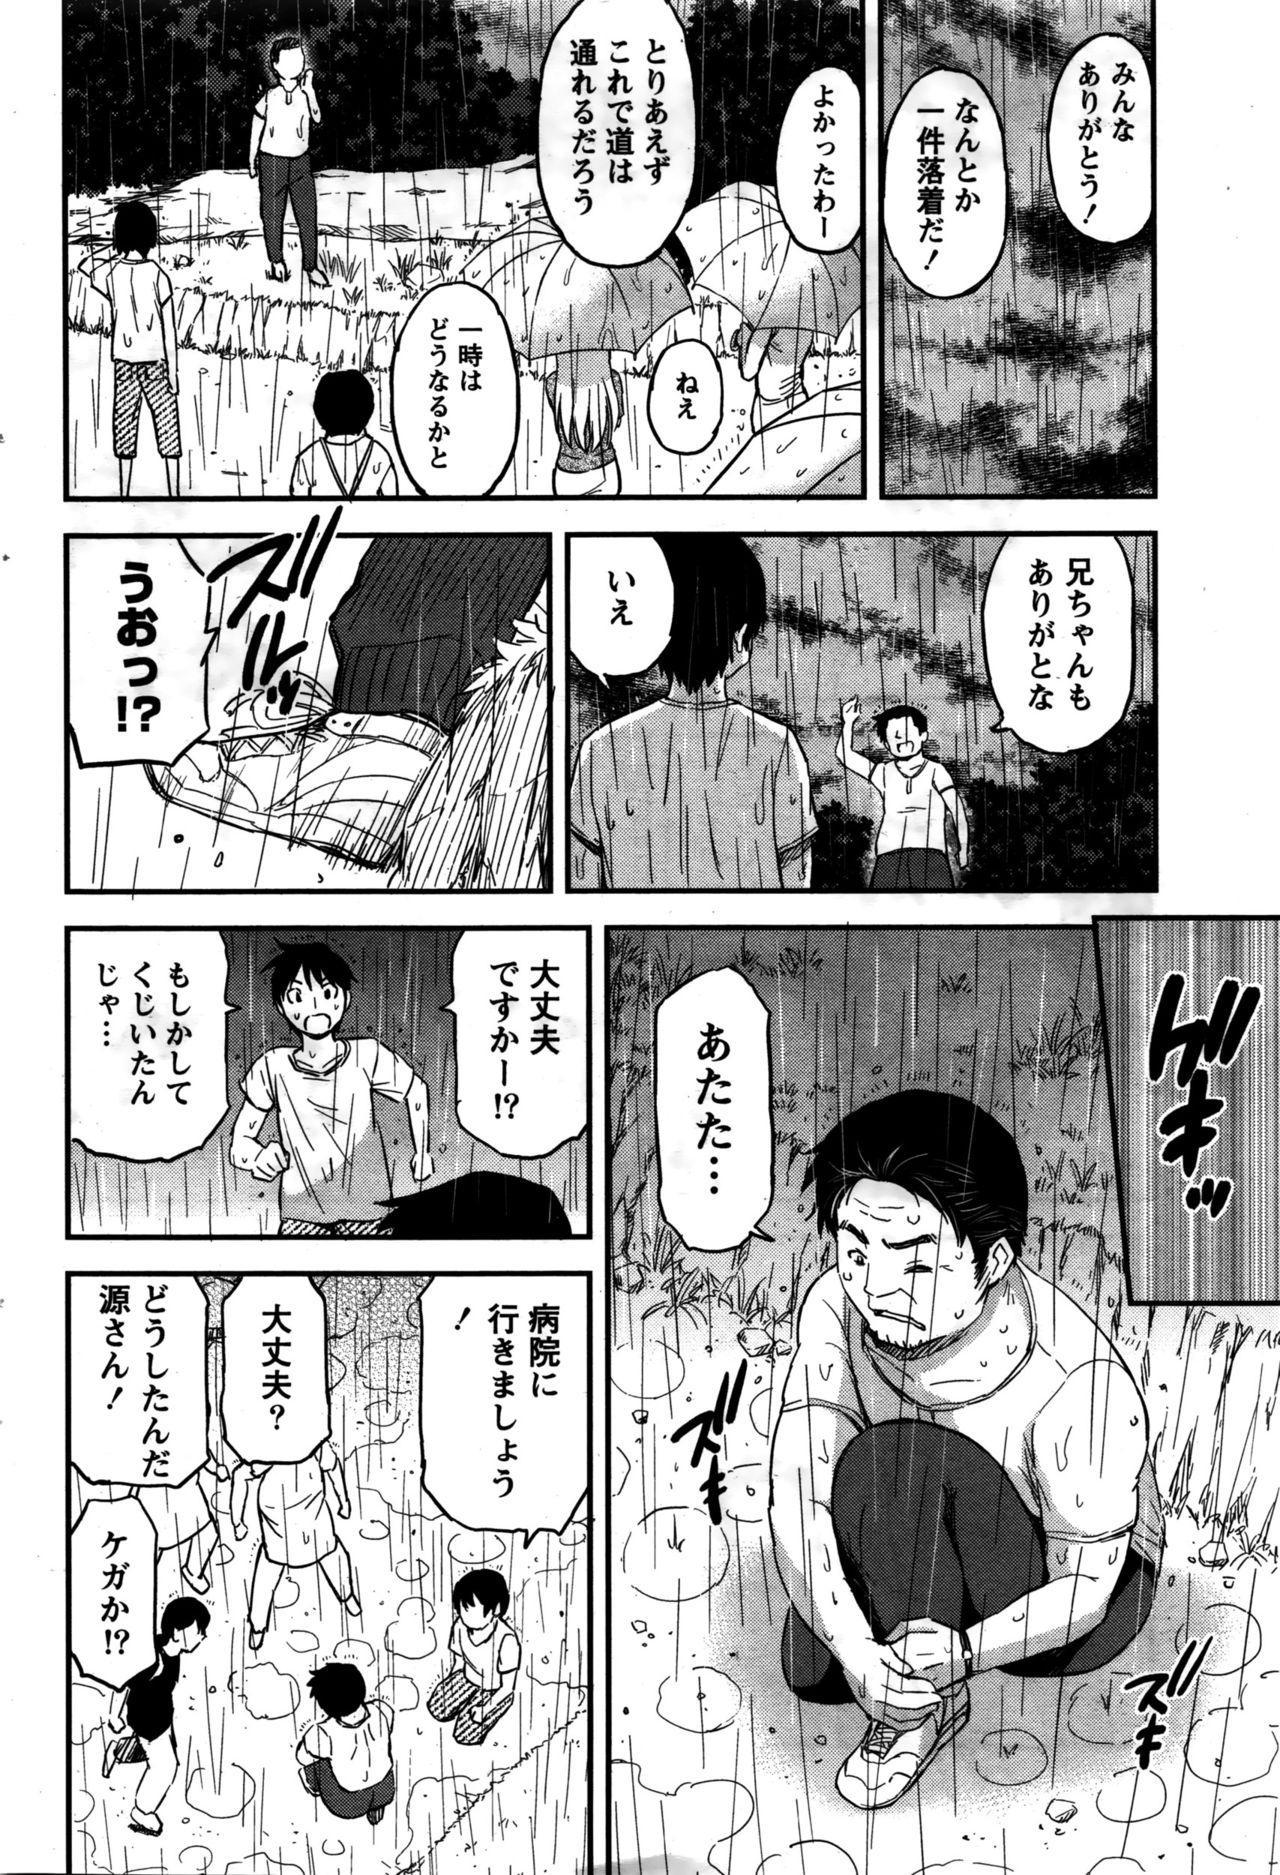 [Higashino Mikan] Atsumujima no Megumi-sama - Goddess of Atsumu-Island 50